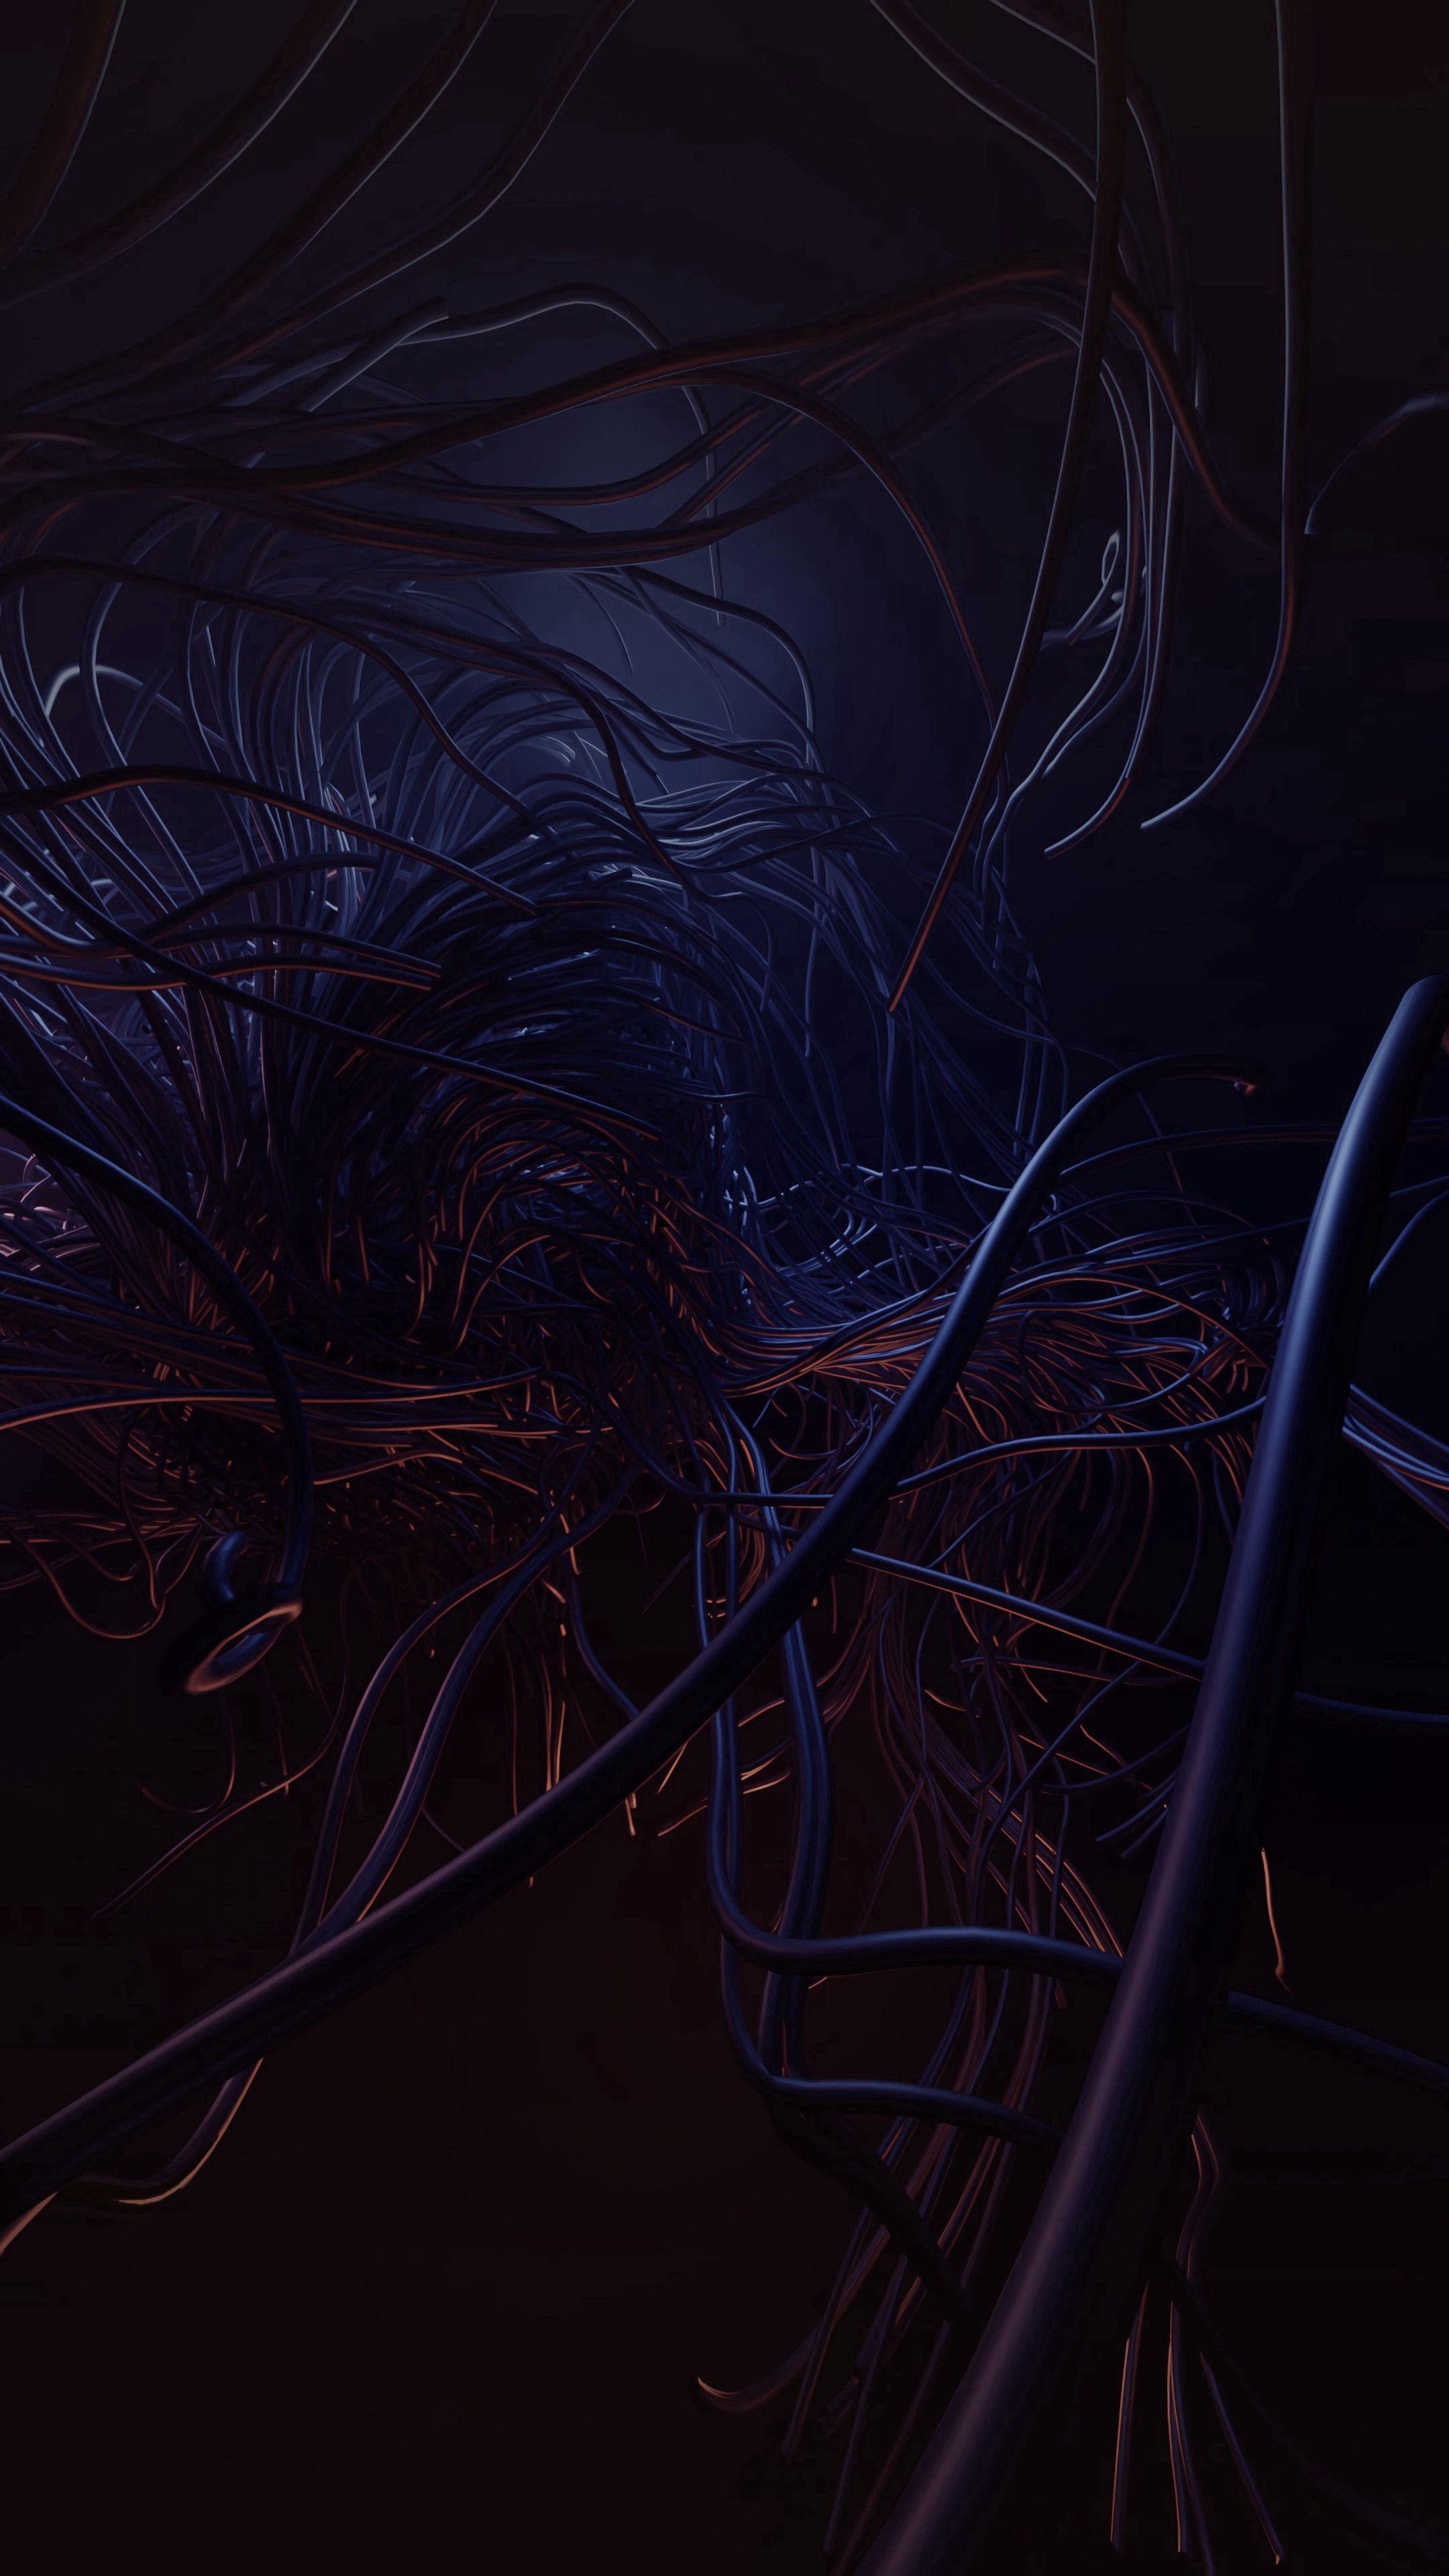 60144 Hintergrundbild herunterladen Dunkel, Kabel, Verwirrt, Komplizierte, Drähte, Draht - Bildschirmschoner und Bilder kostenlos